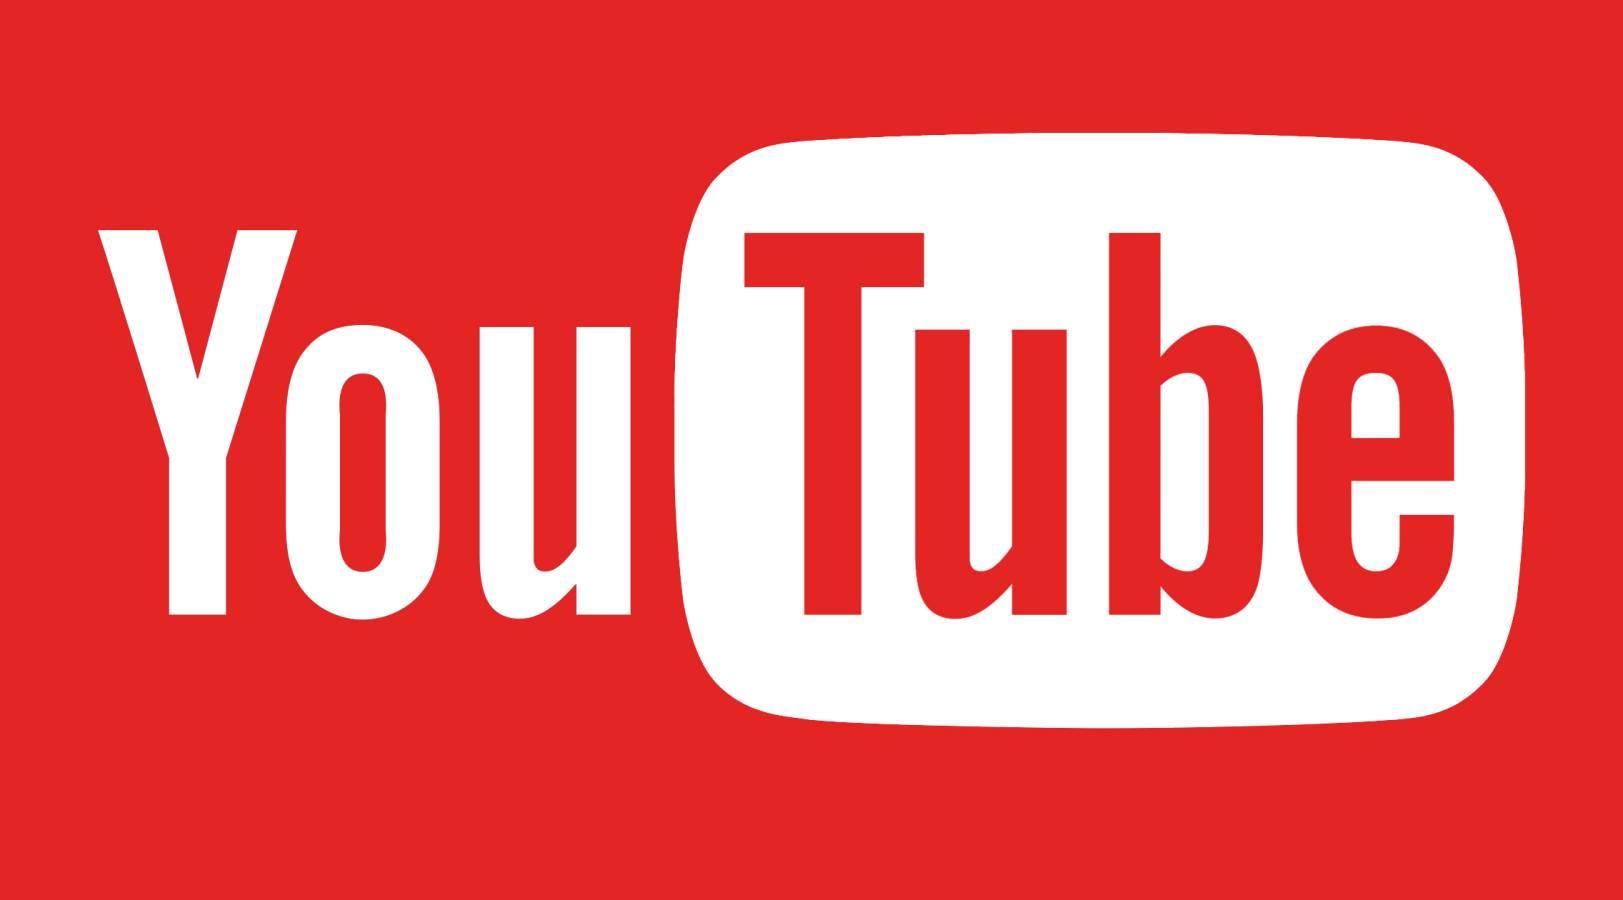 YouTube Noua Actualizare Lansata cu Schimbari pentru Telefoane